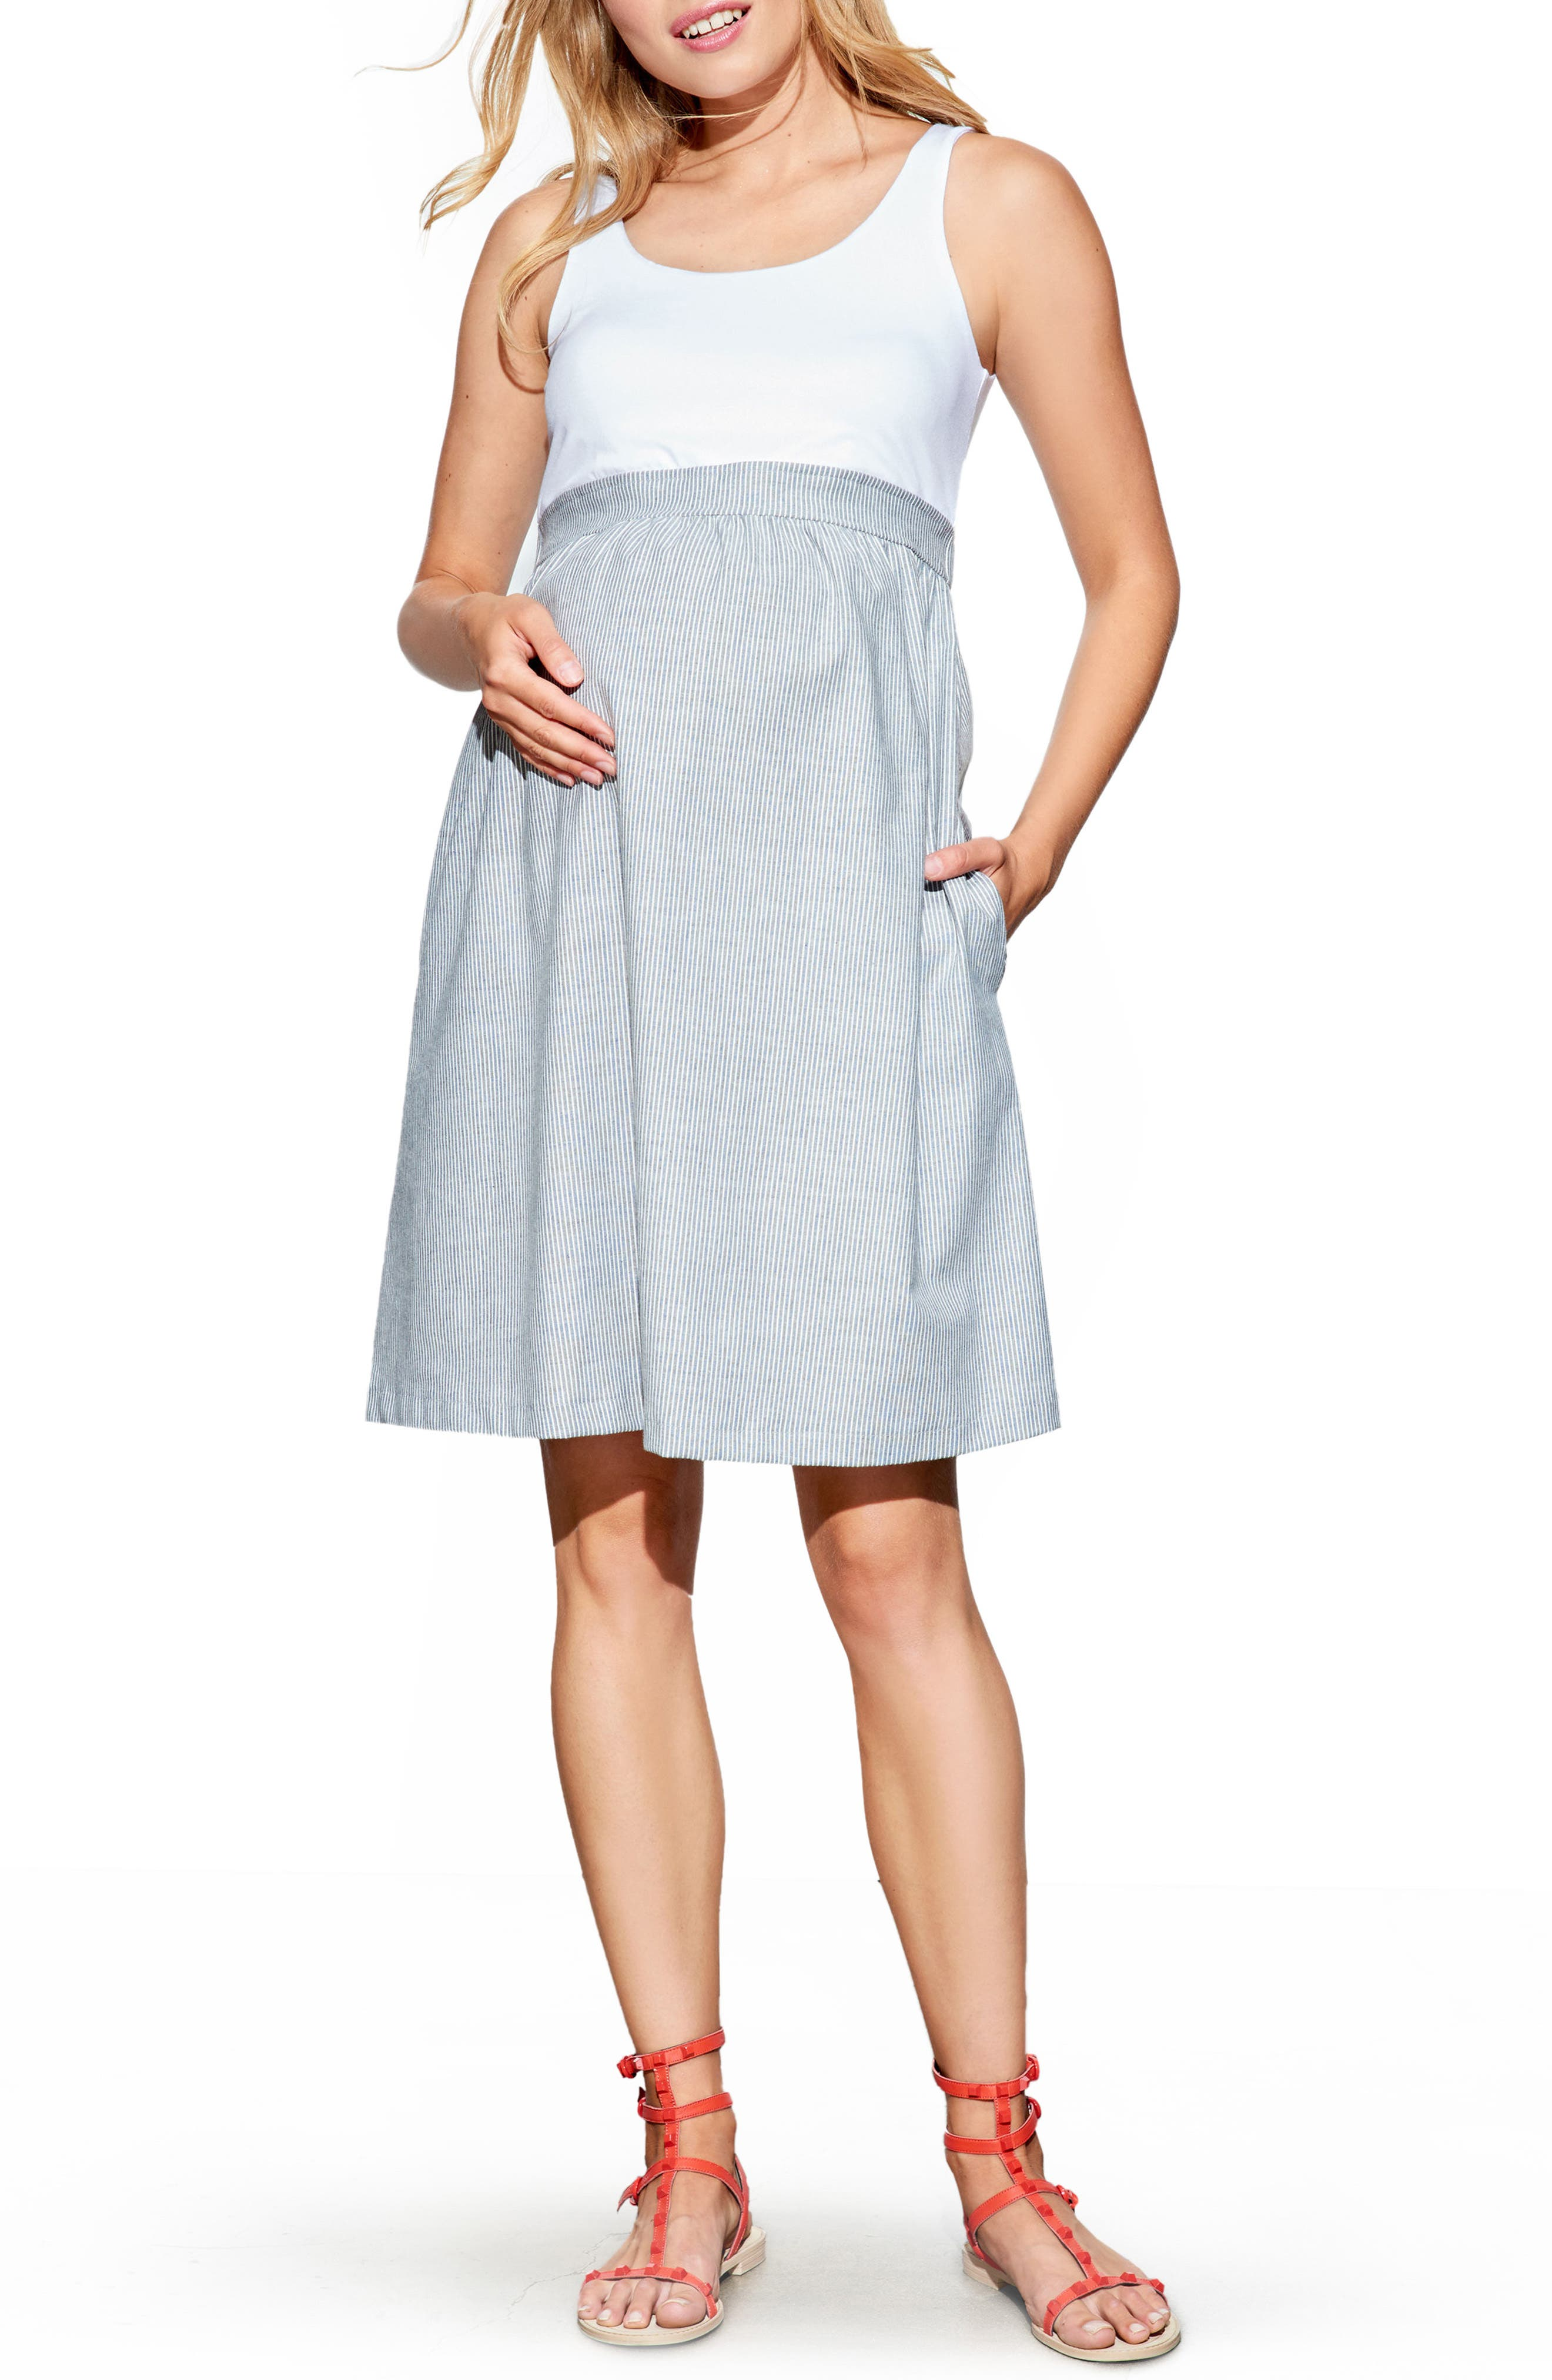 Maternal America Maternity Knit & Woven Dress